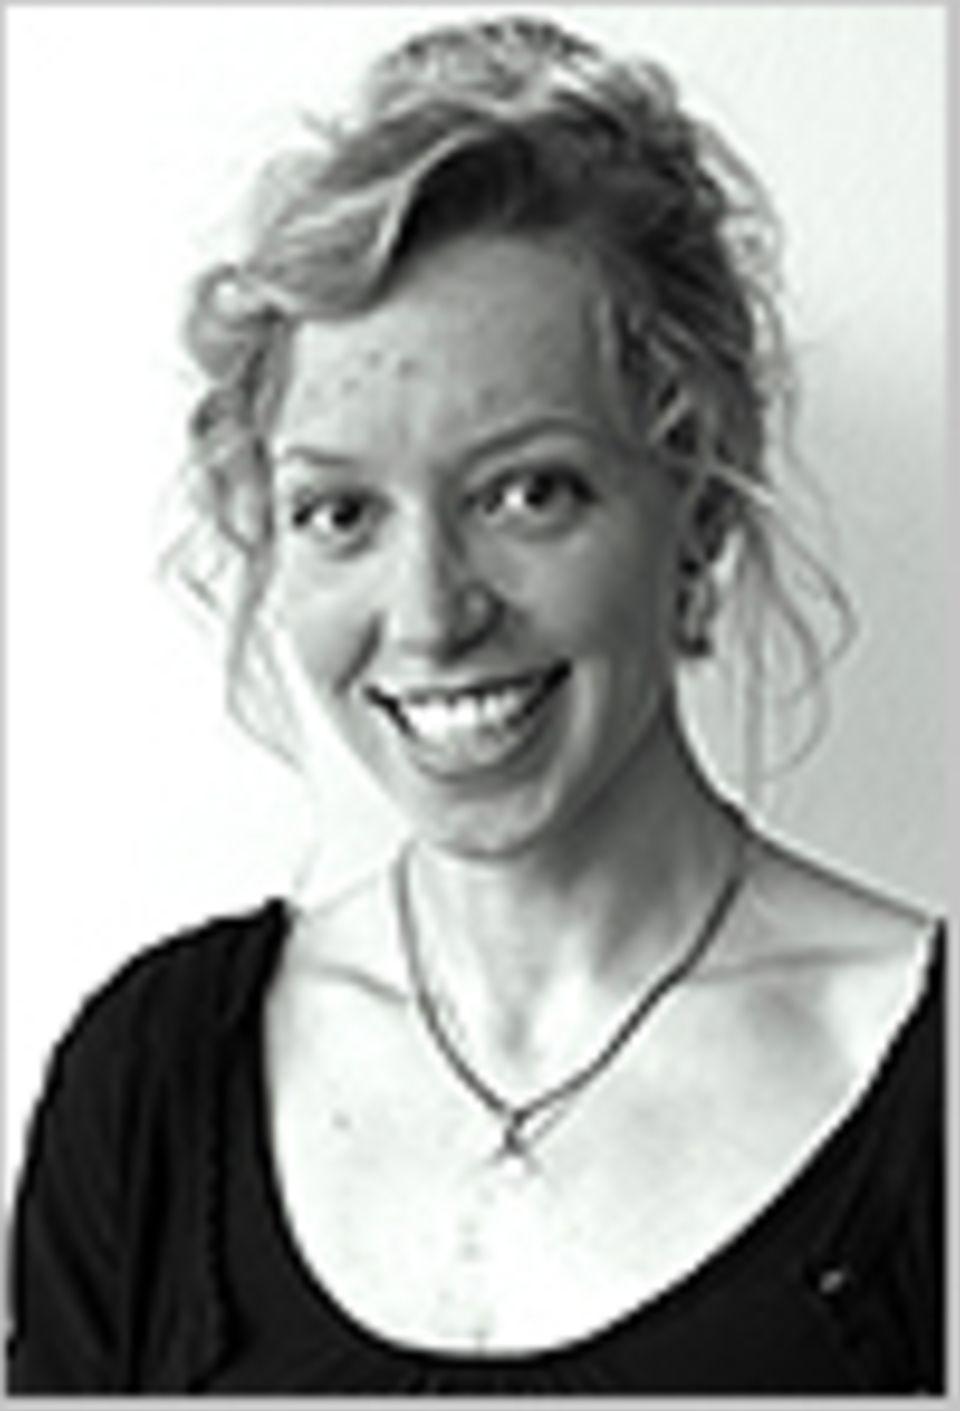 Meeresbiologin gewinnt GEO-Stipendium 2015: Meeresbiologin Sandra Striegel